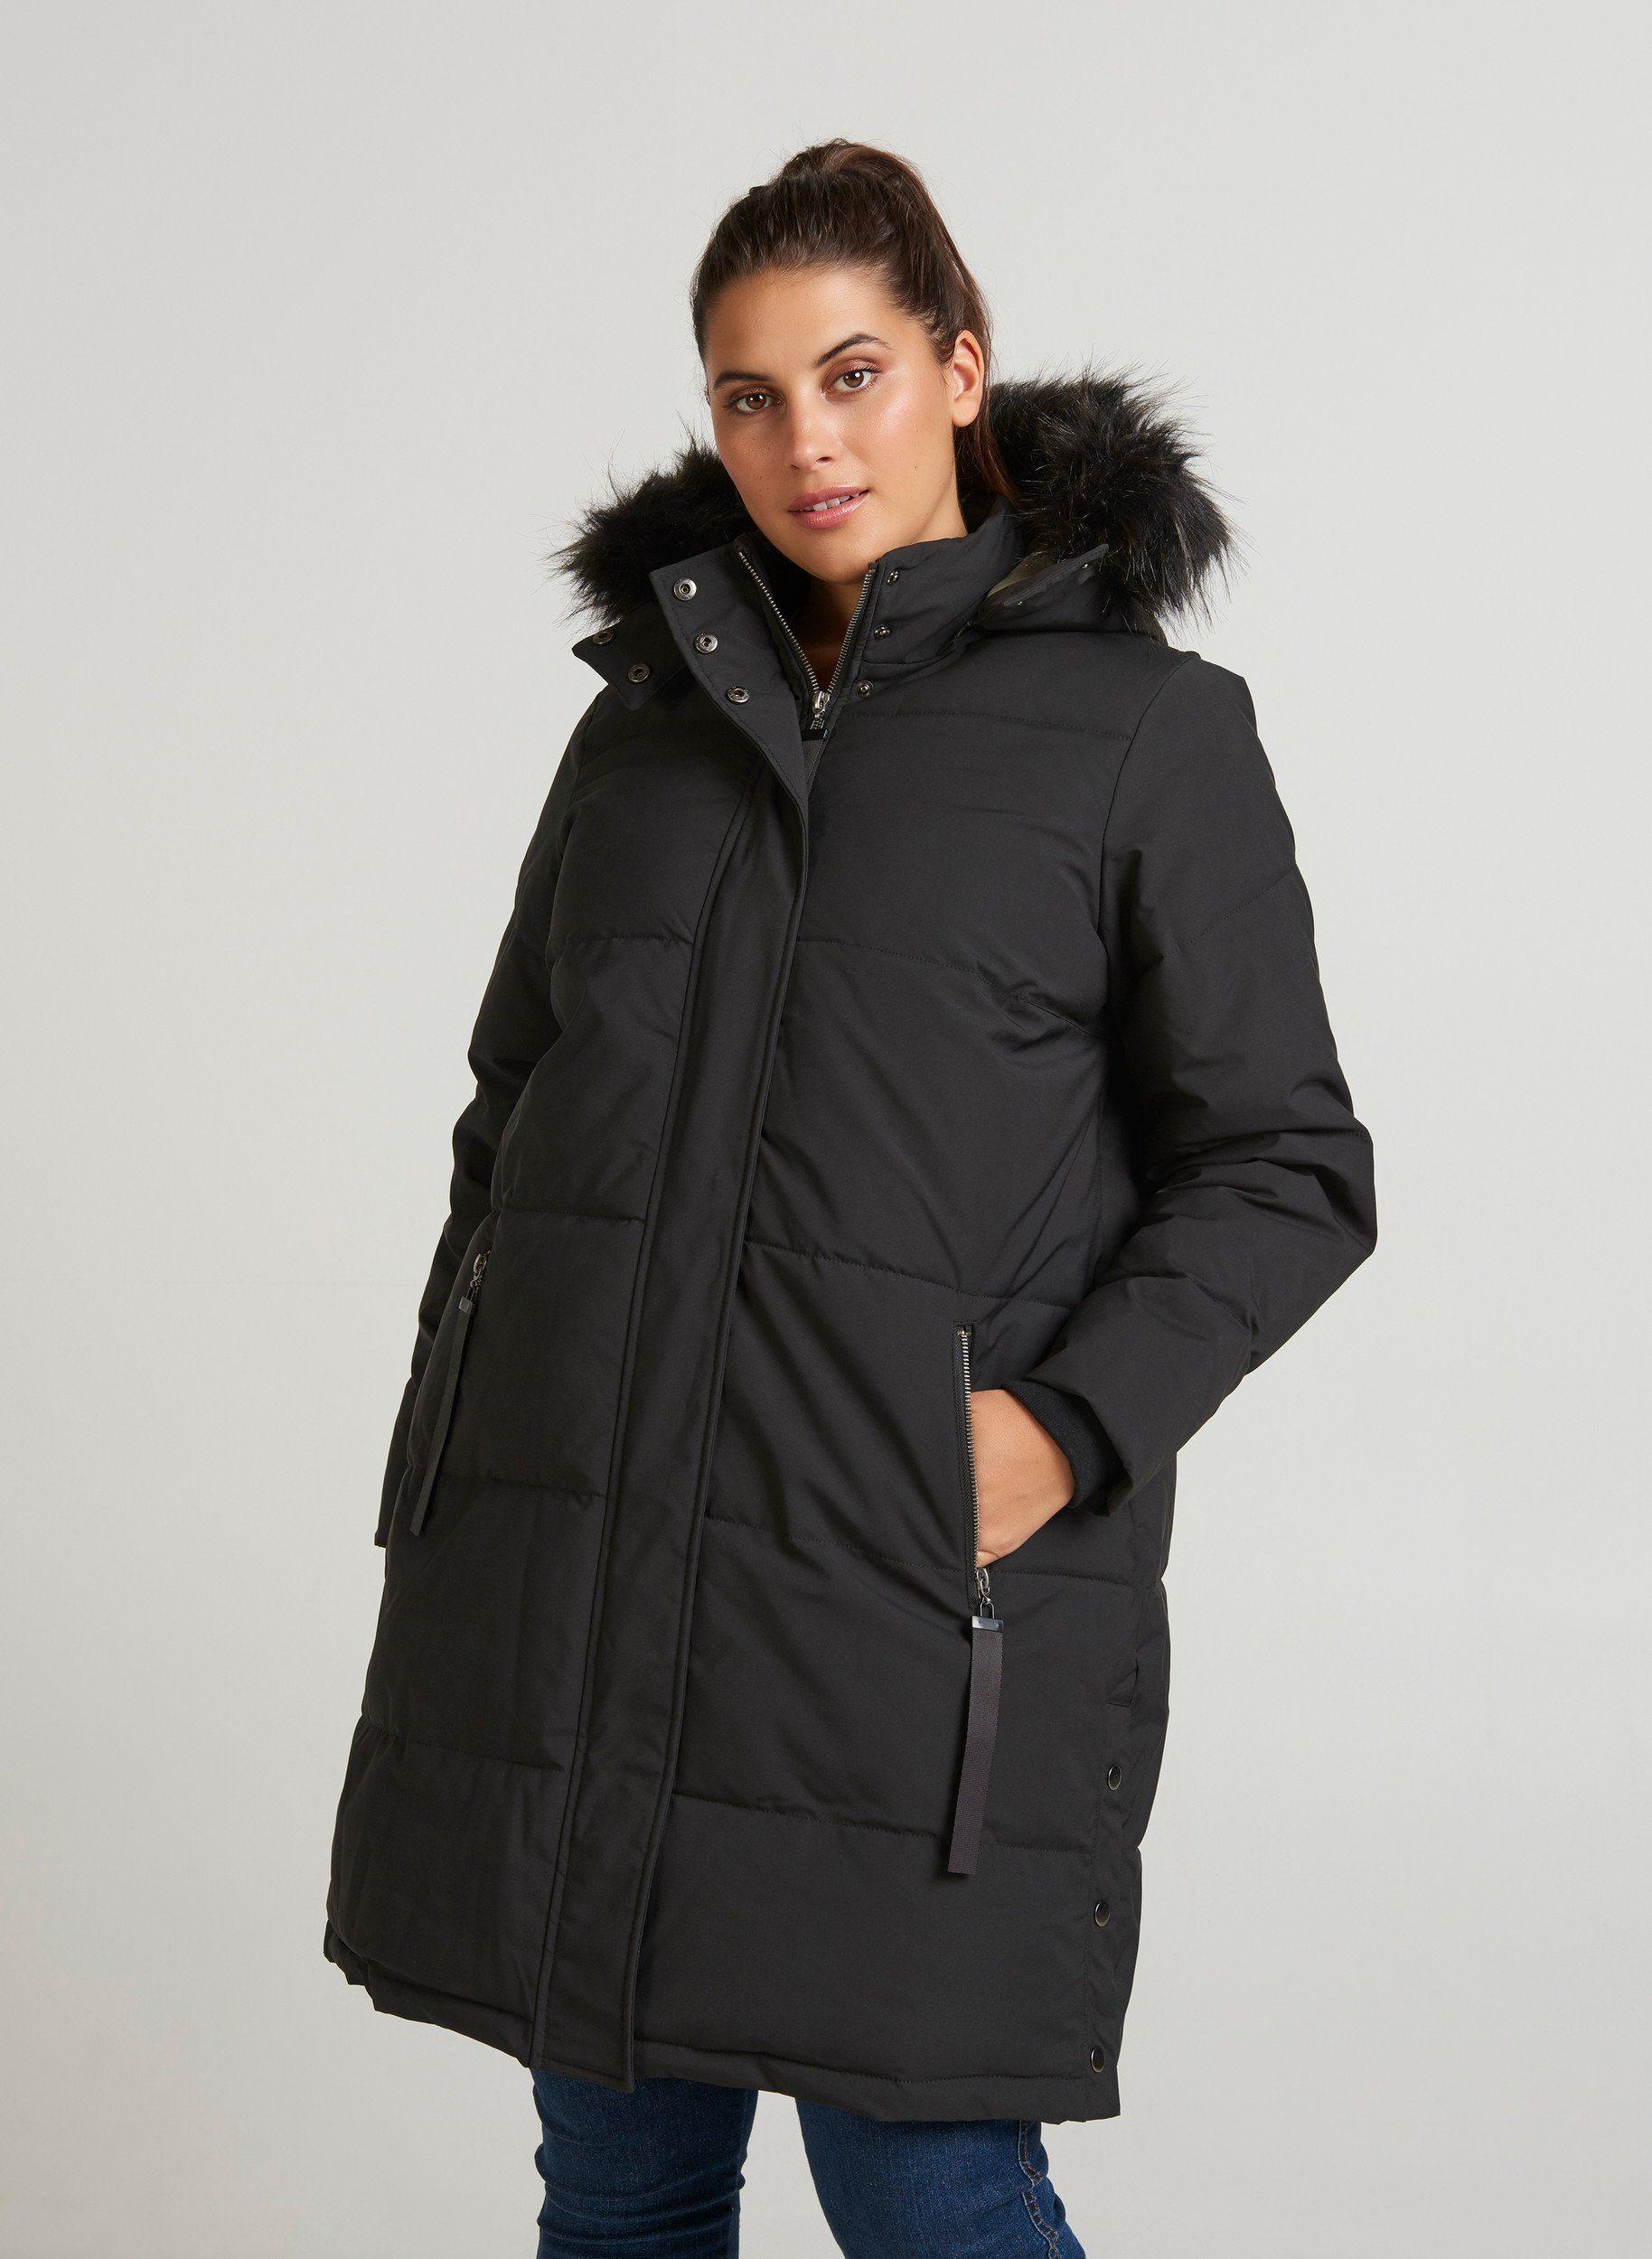 Zizzi Winterjacke Damen Große Größen Wintermantel Parka Kunstfellkapuze Jacke, 2 Wege Reißverschluss online kaufen | OTTO